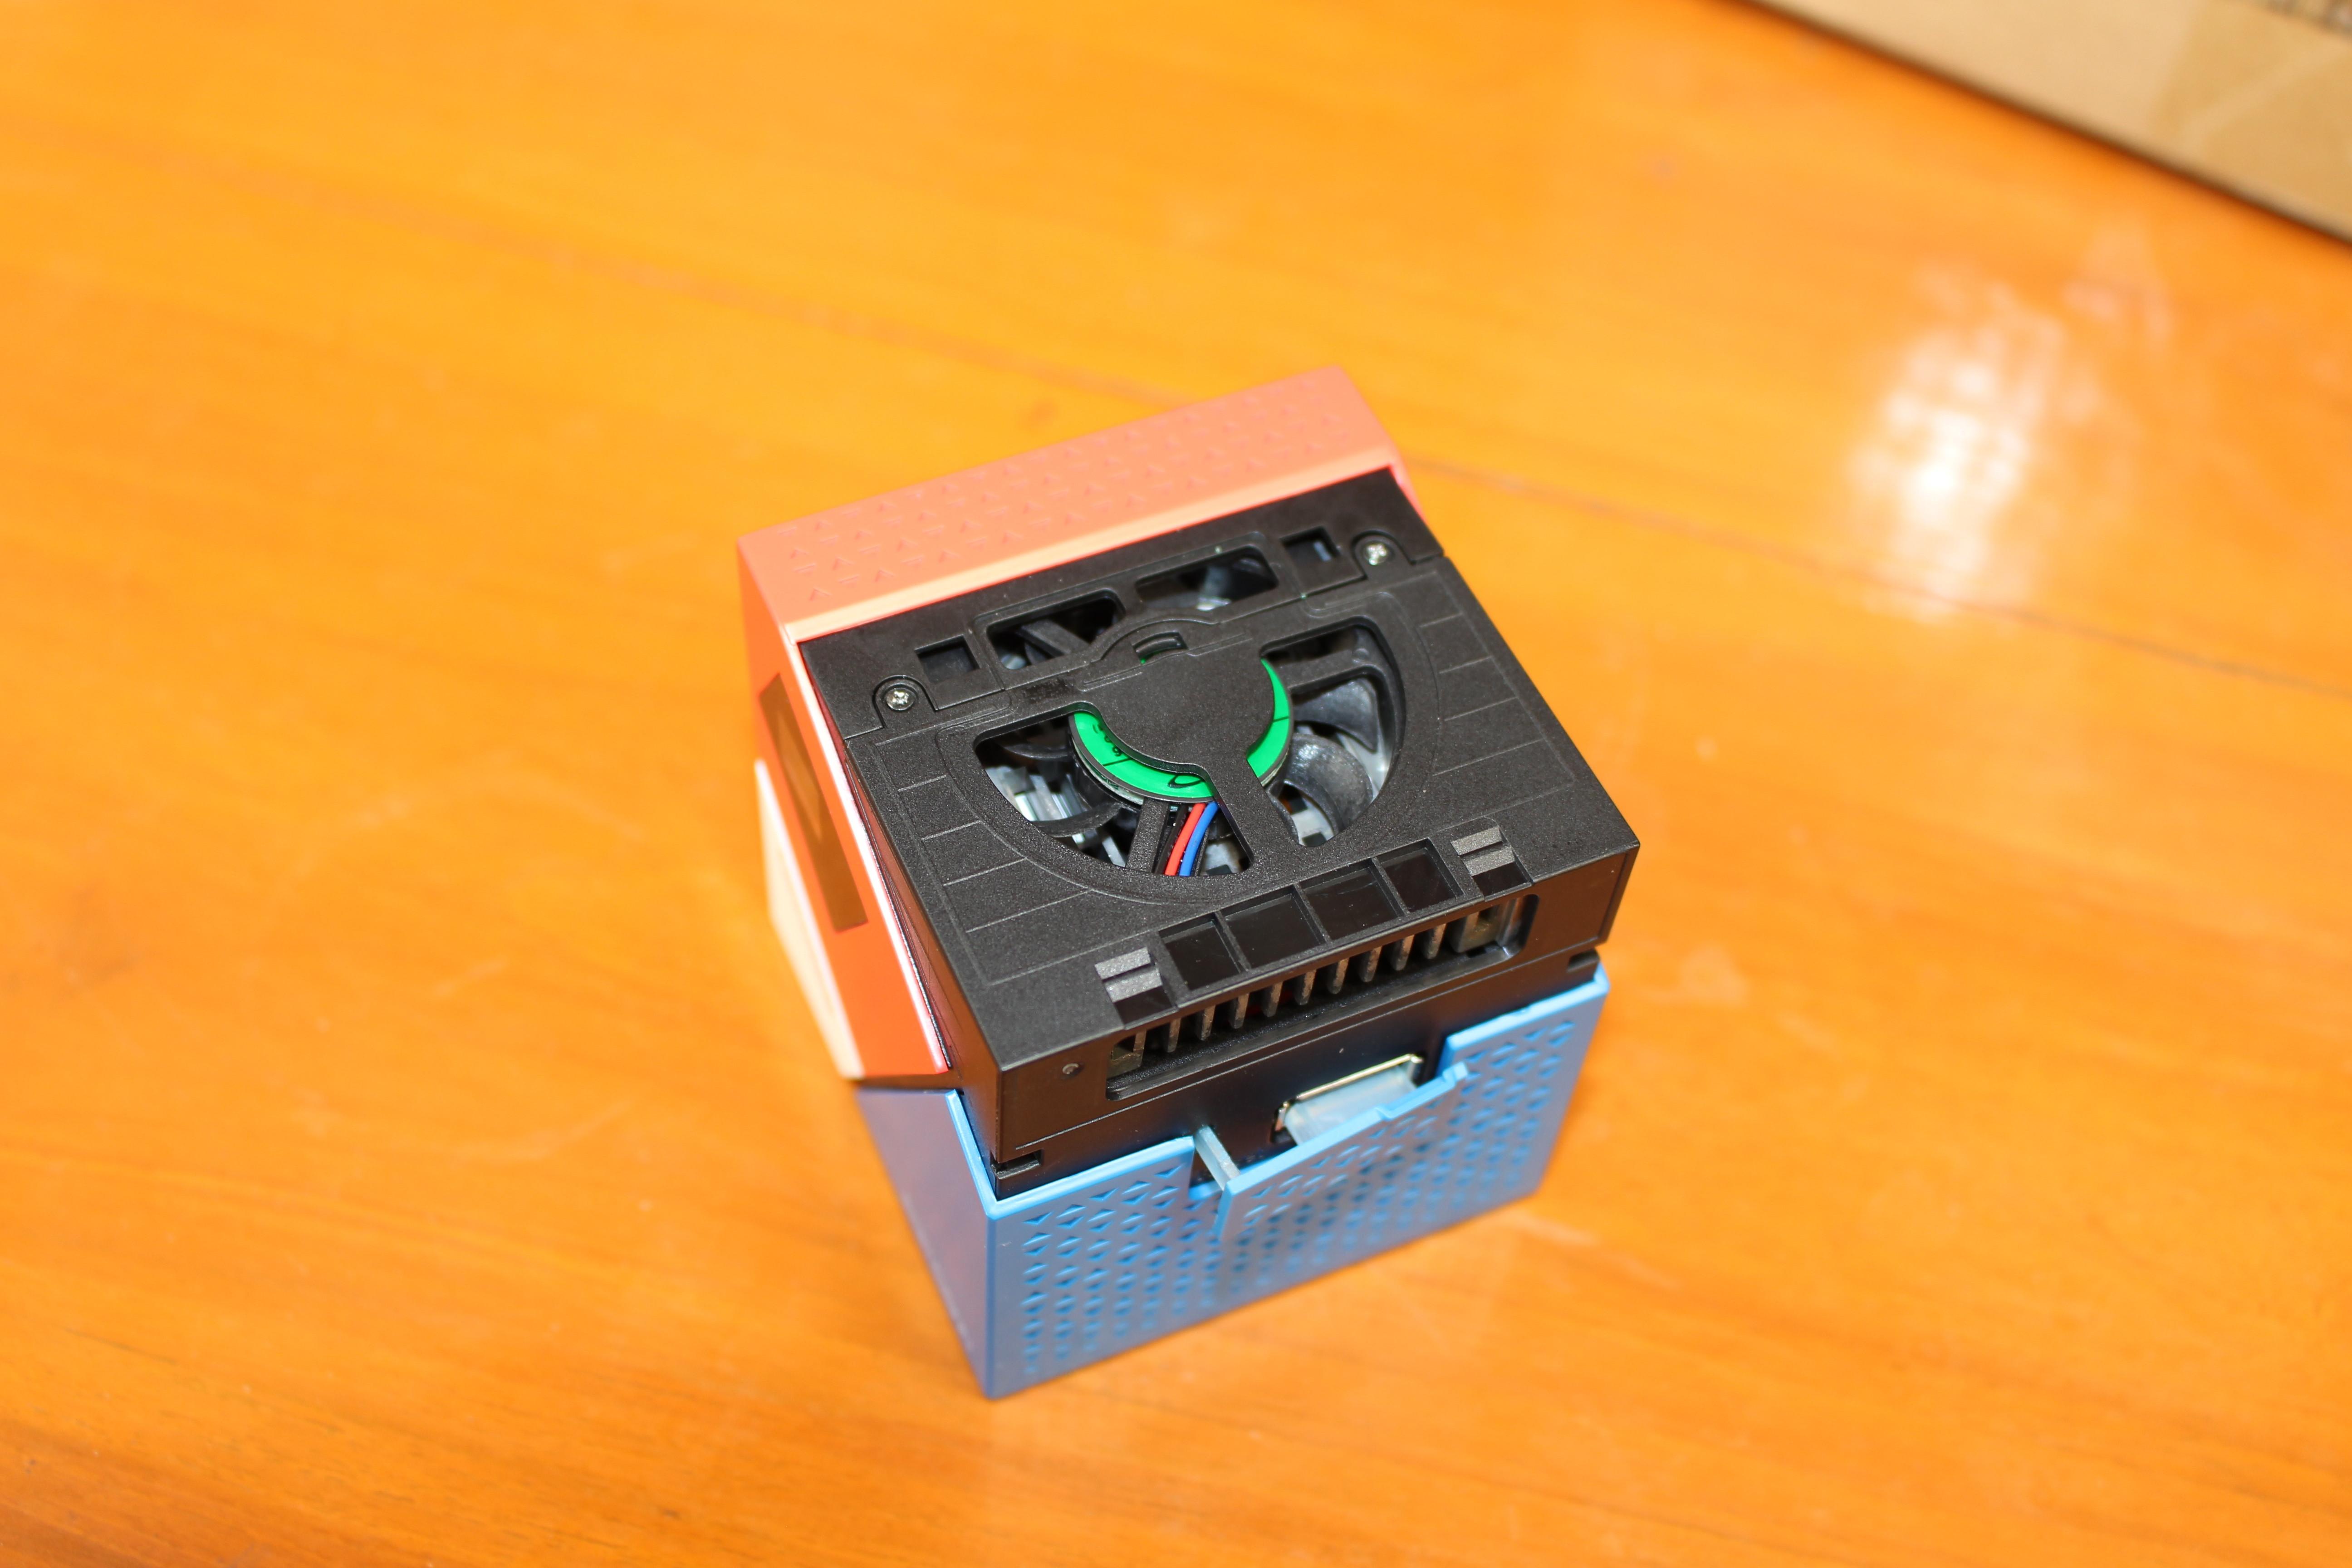 Doogee_Smart_Cube_P1_Fan_and_Heatsink_Large